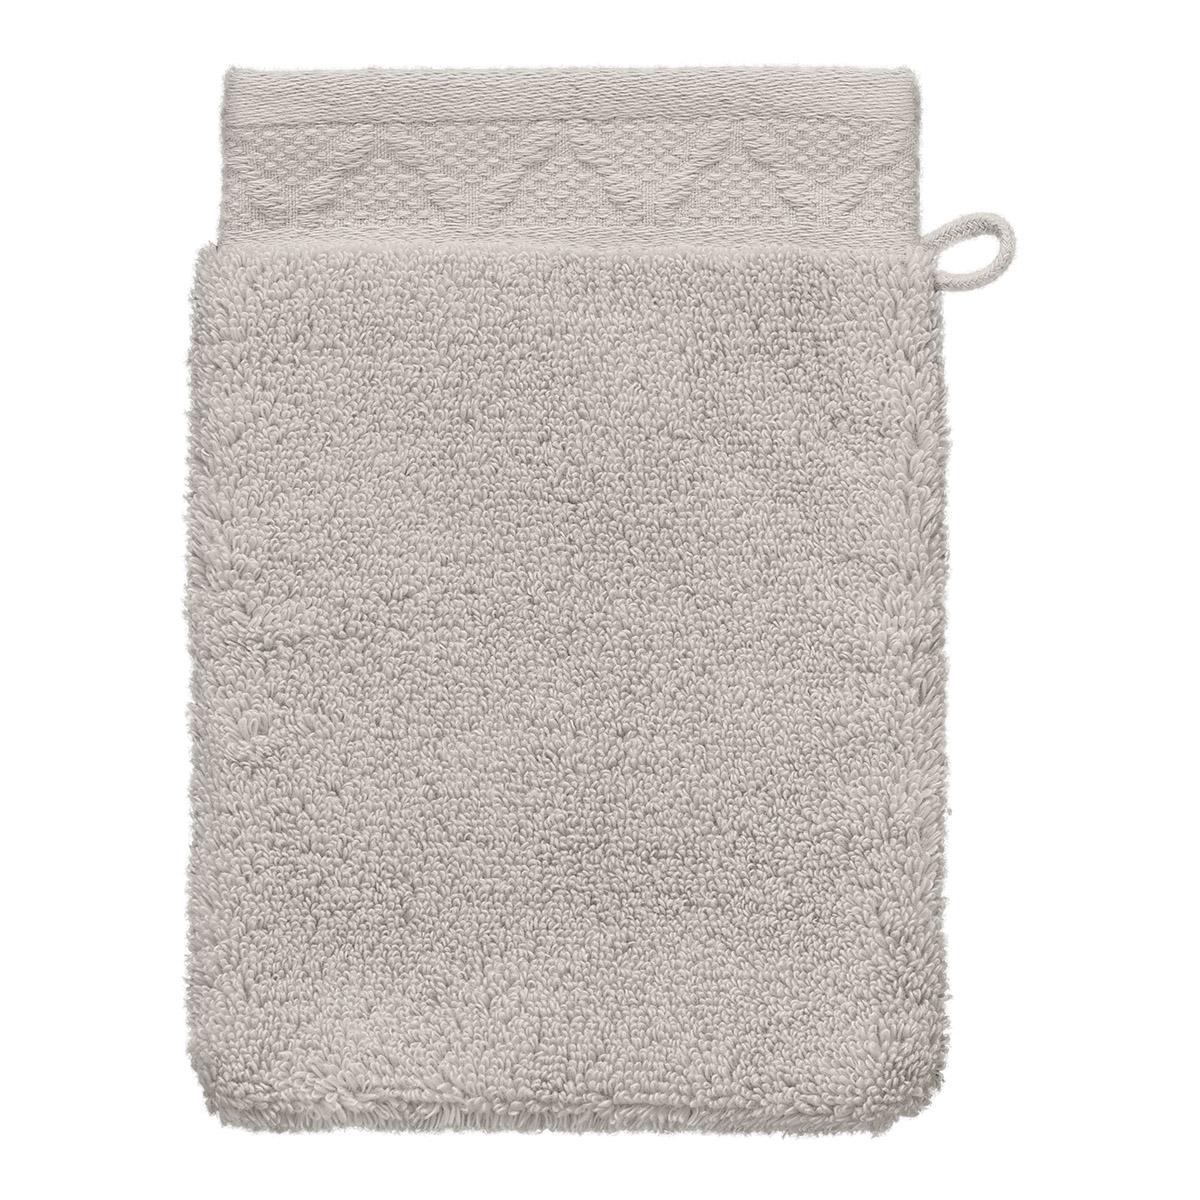 Gant de toilette en coton lin 15 x 22